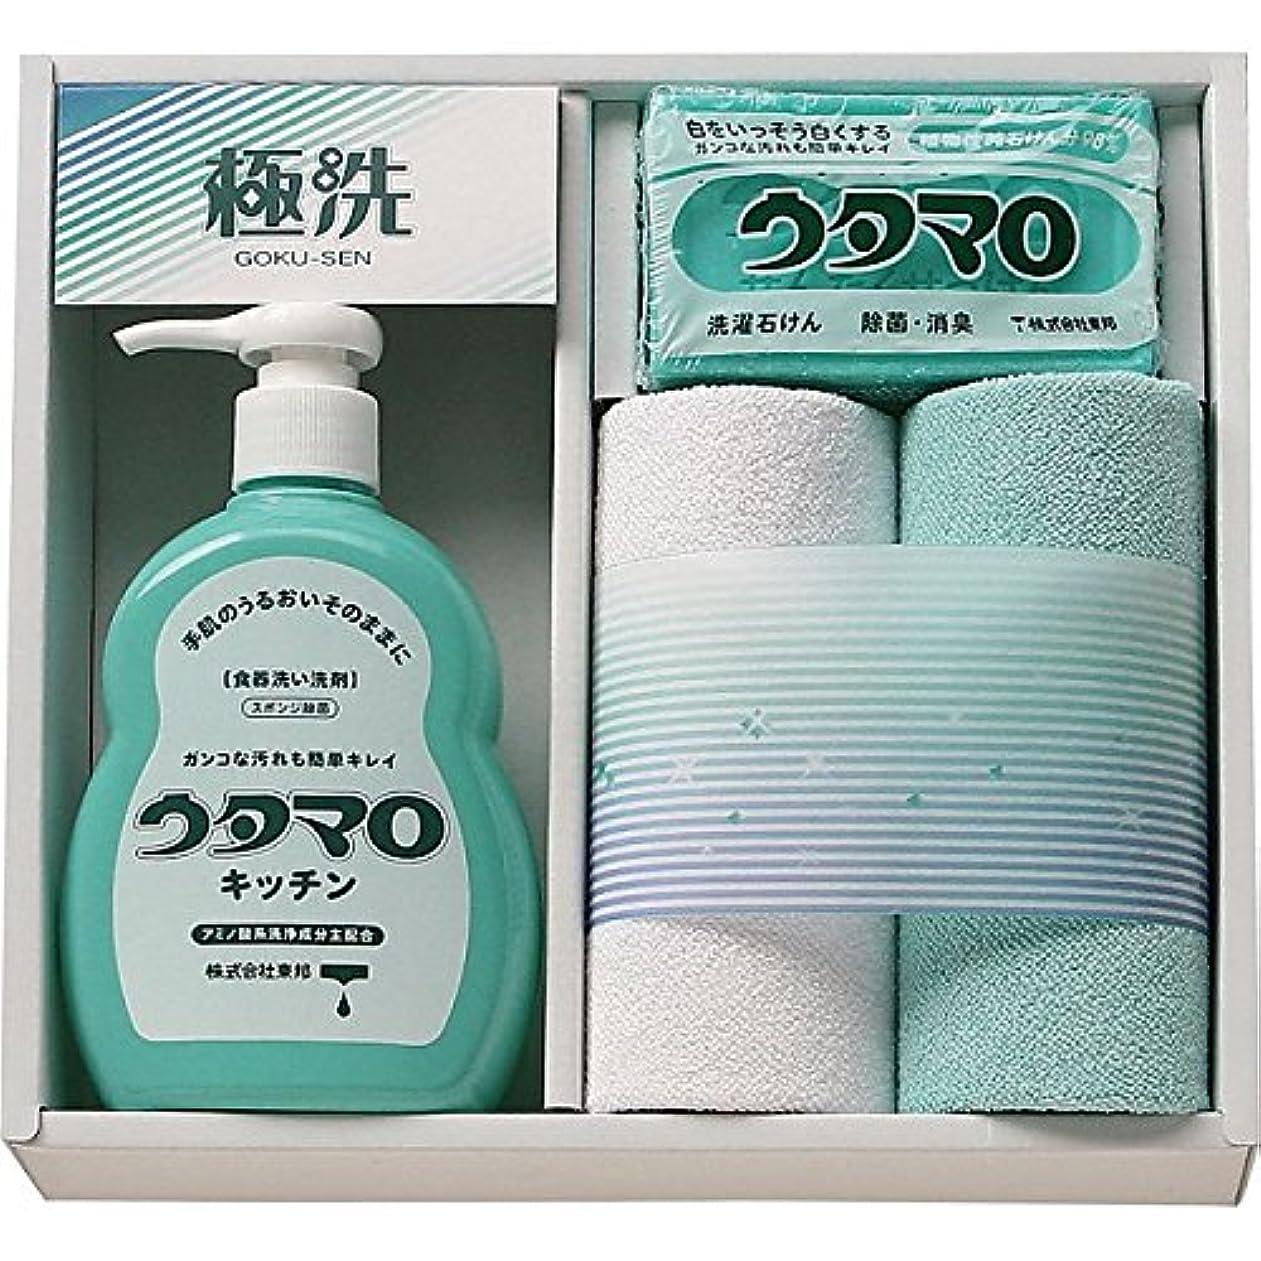 ヶ月目共和党場合(ウタマロ) 石鹸?キッチン洗剤ギフト (835-1054r)